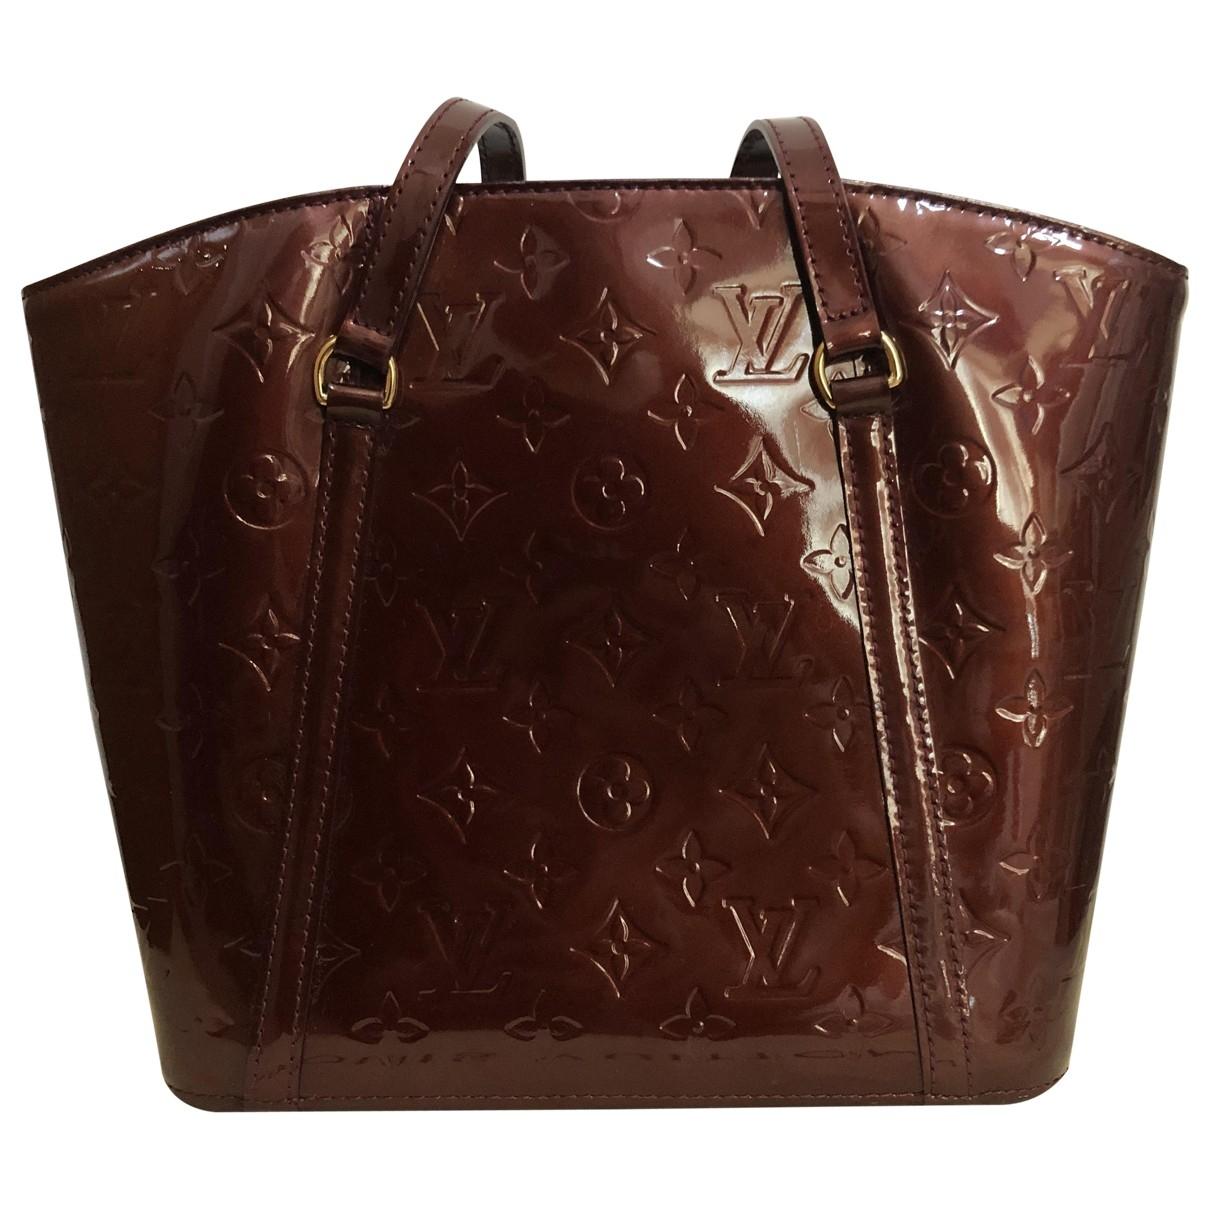 Louis Vuitton Avalon Handtasche in  Braun Lackleder